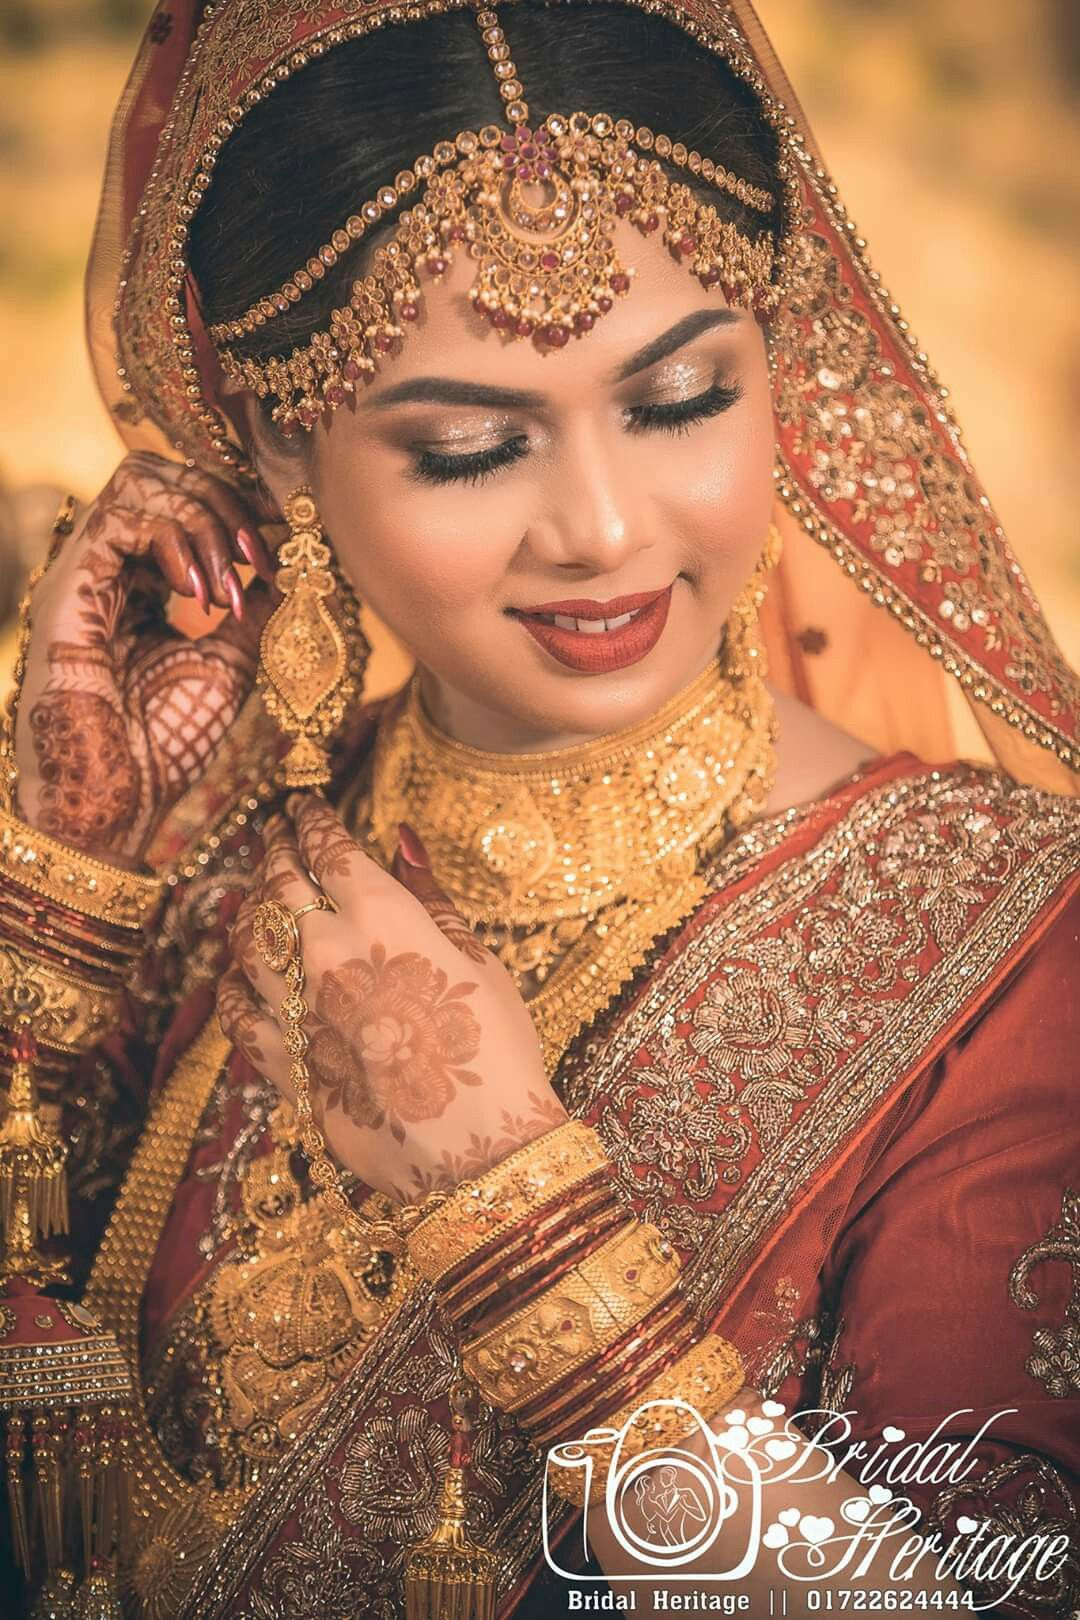 Pin by Nurjahan Akter on Bangladeshi Bride in 2020